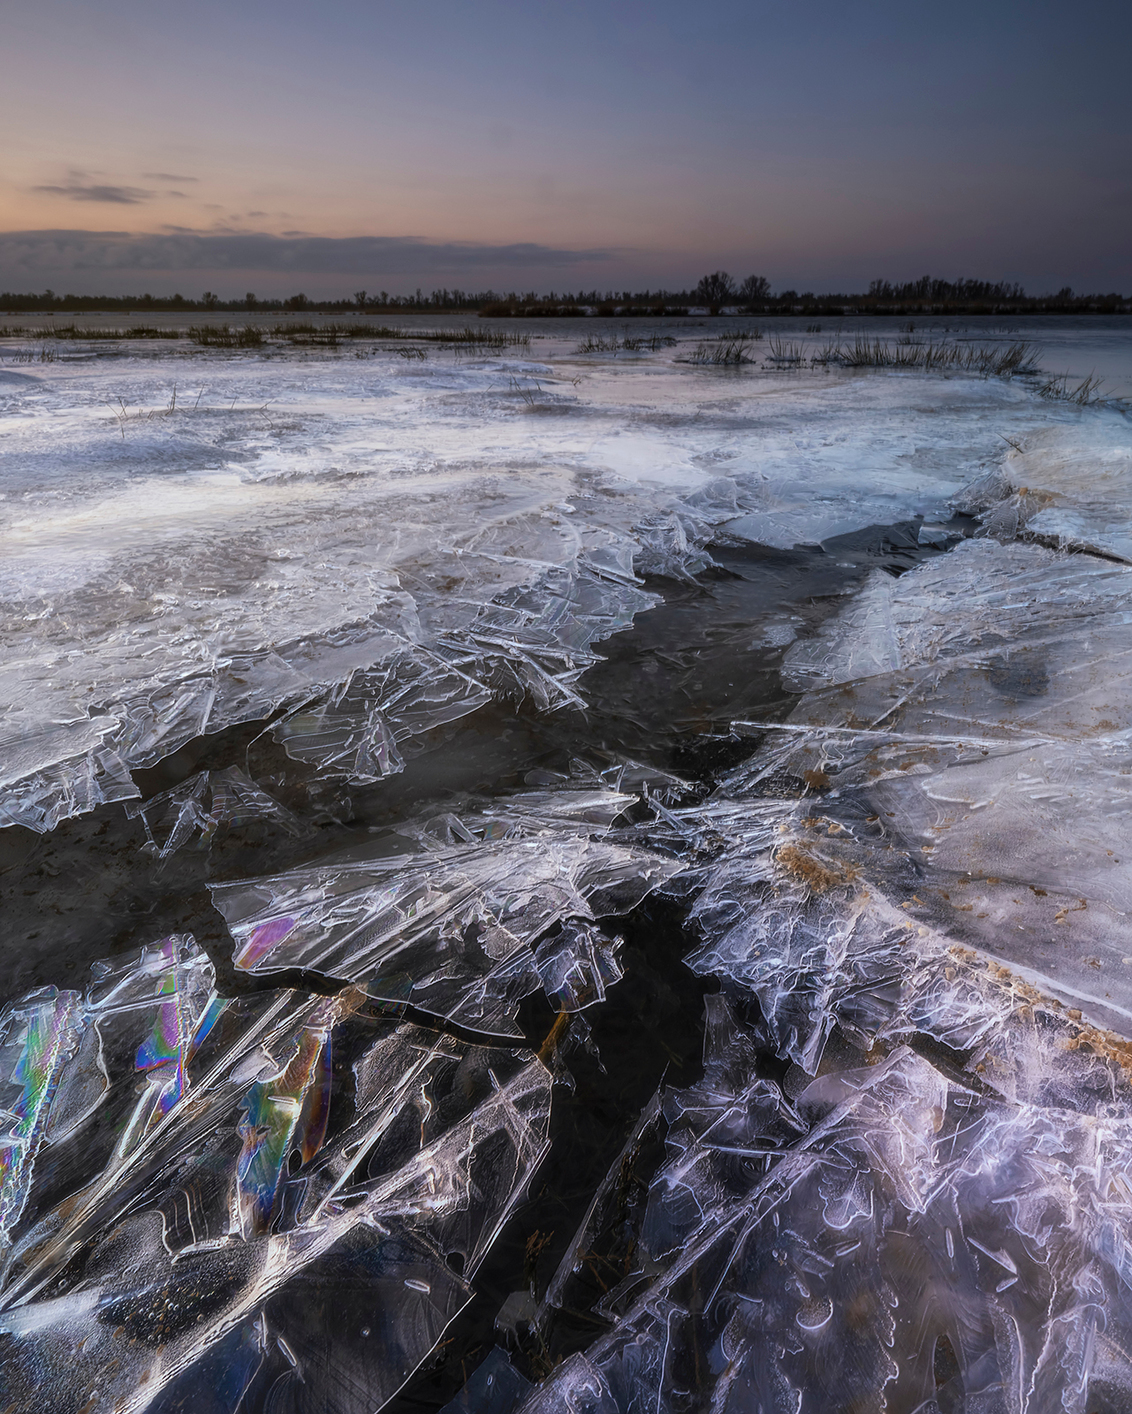 Kwel & IJs - De Biesbosch, in een gebied waar je veel kwel tegenkomt wat ook zichtbaar is in het gevormde ijs. - foto door mvbalkom op 11-02-2021 - deze foto bevat: lucht, wolken, water, licht, sneeuw, winter, ijs, spiegeling, tegenlicht, zonsopkomst, biesbosch, middenformaat, fujifilm, mvbalkom, kase filters, gfx100